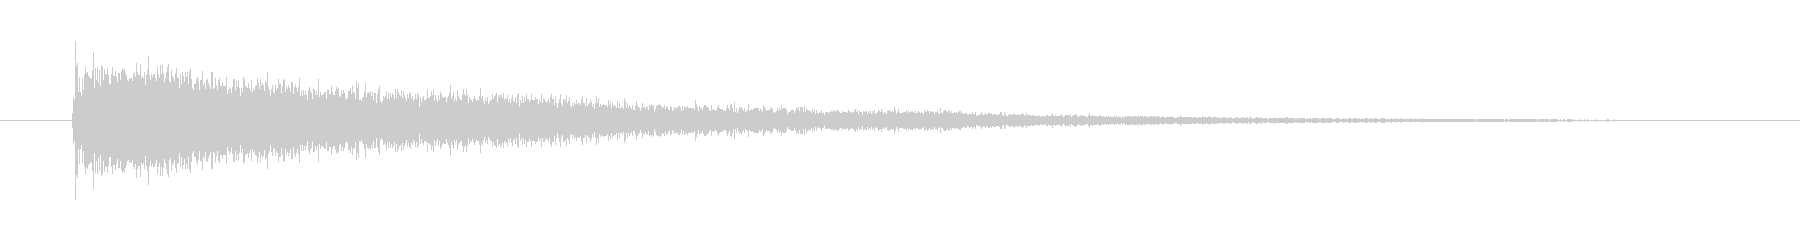 「ジャーン」というシンバルの音の未再生の波形